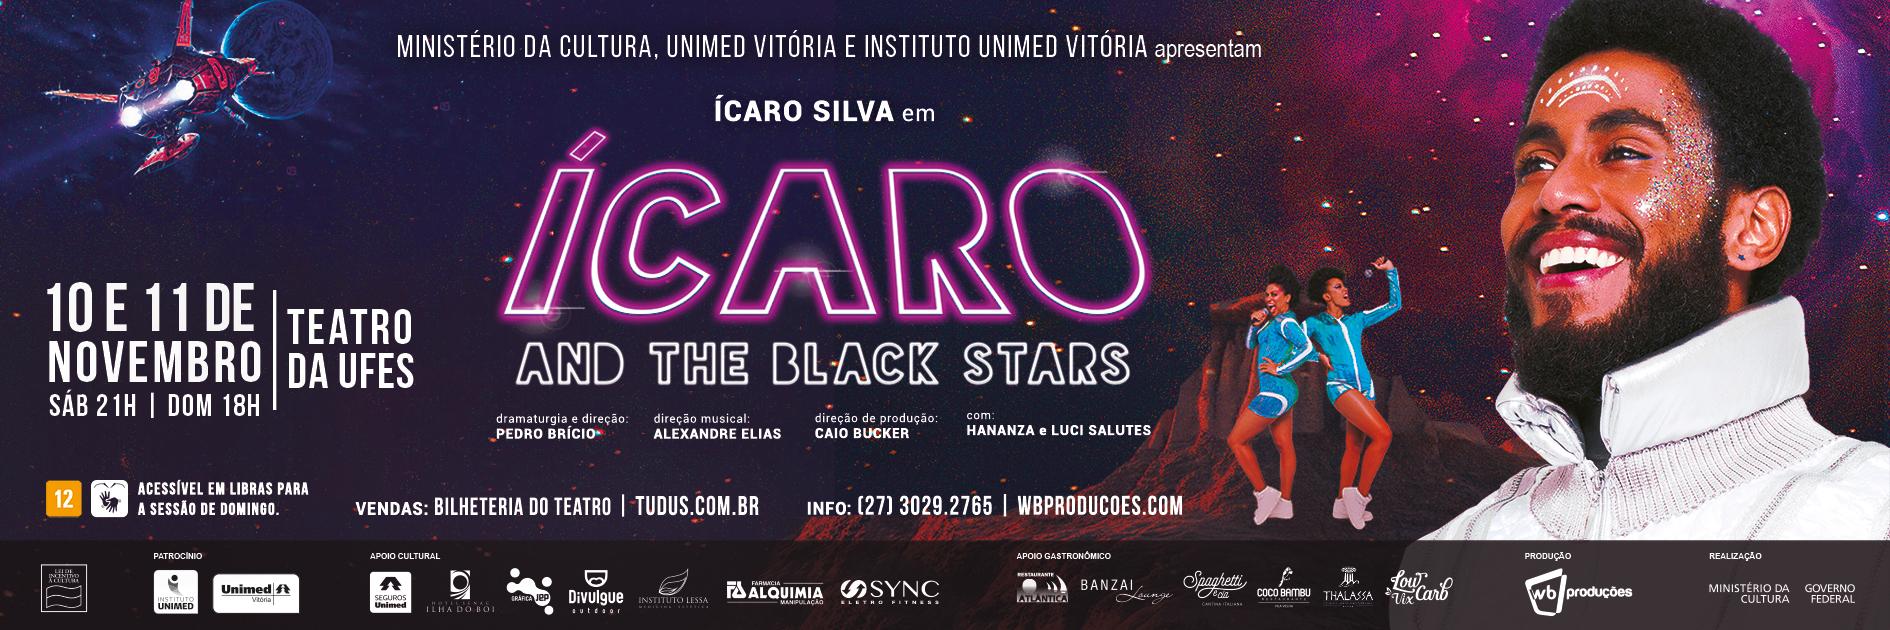 ÍCARO And The Black Stars